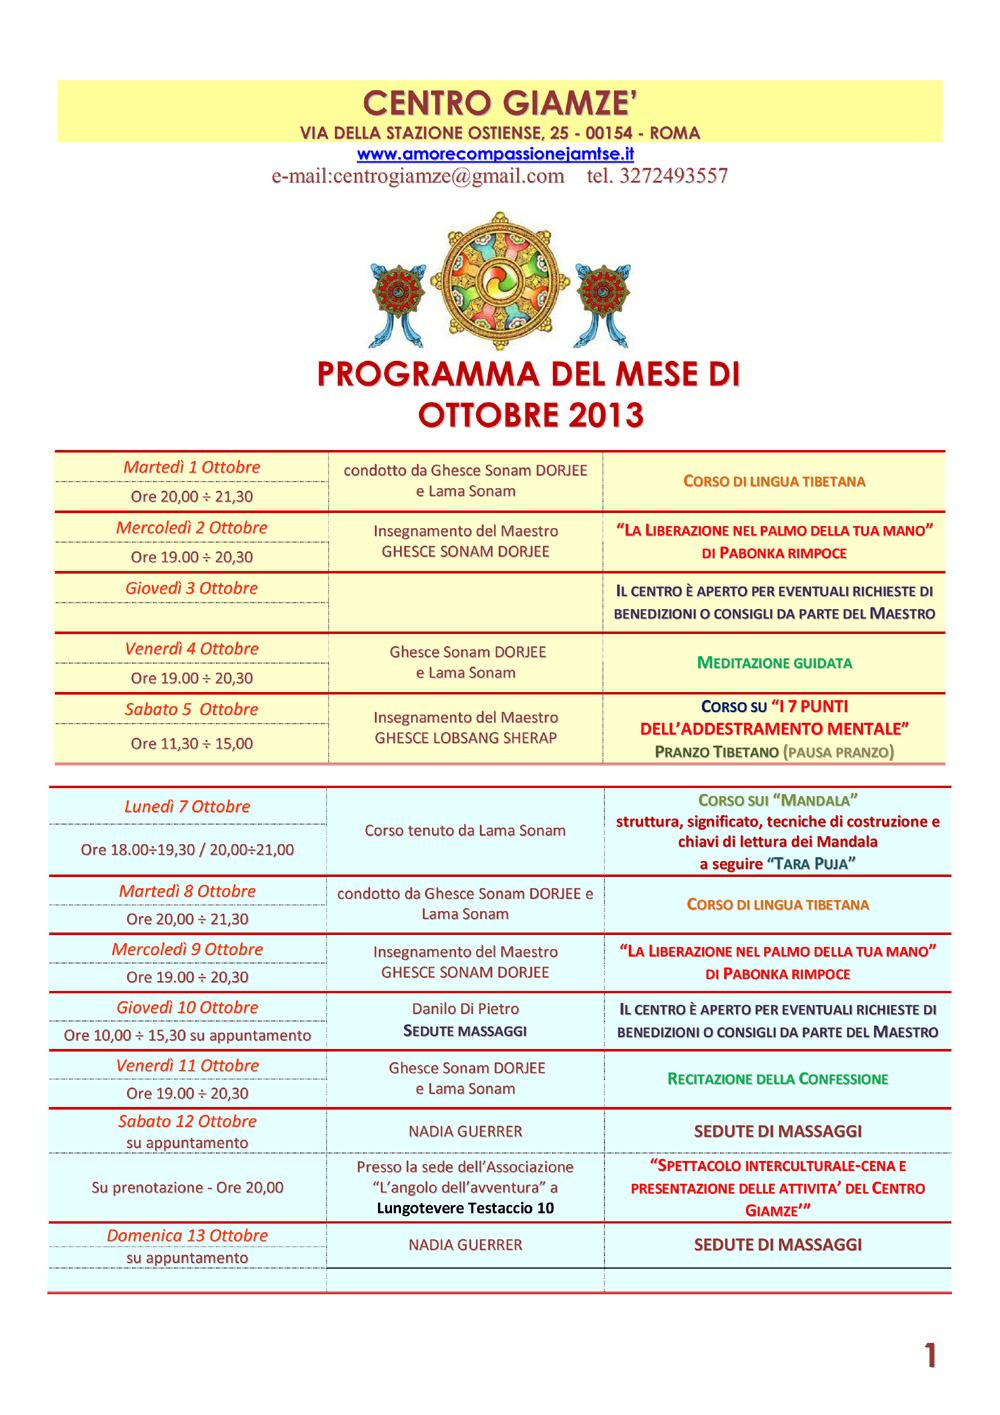 Calendario Tibetano.Calendario Attivita Ottobre Amore E Compassione Jamtse